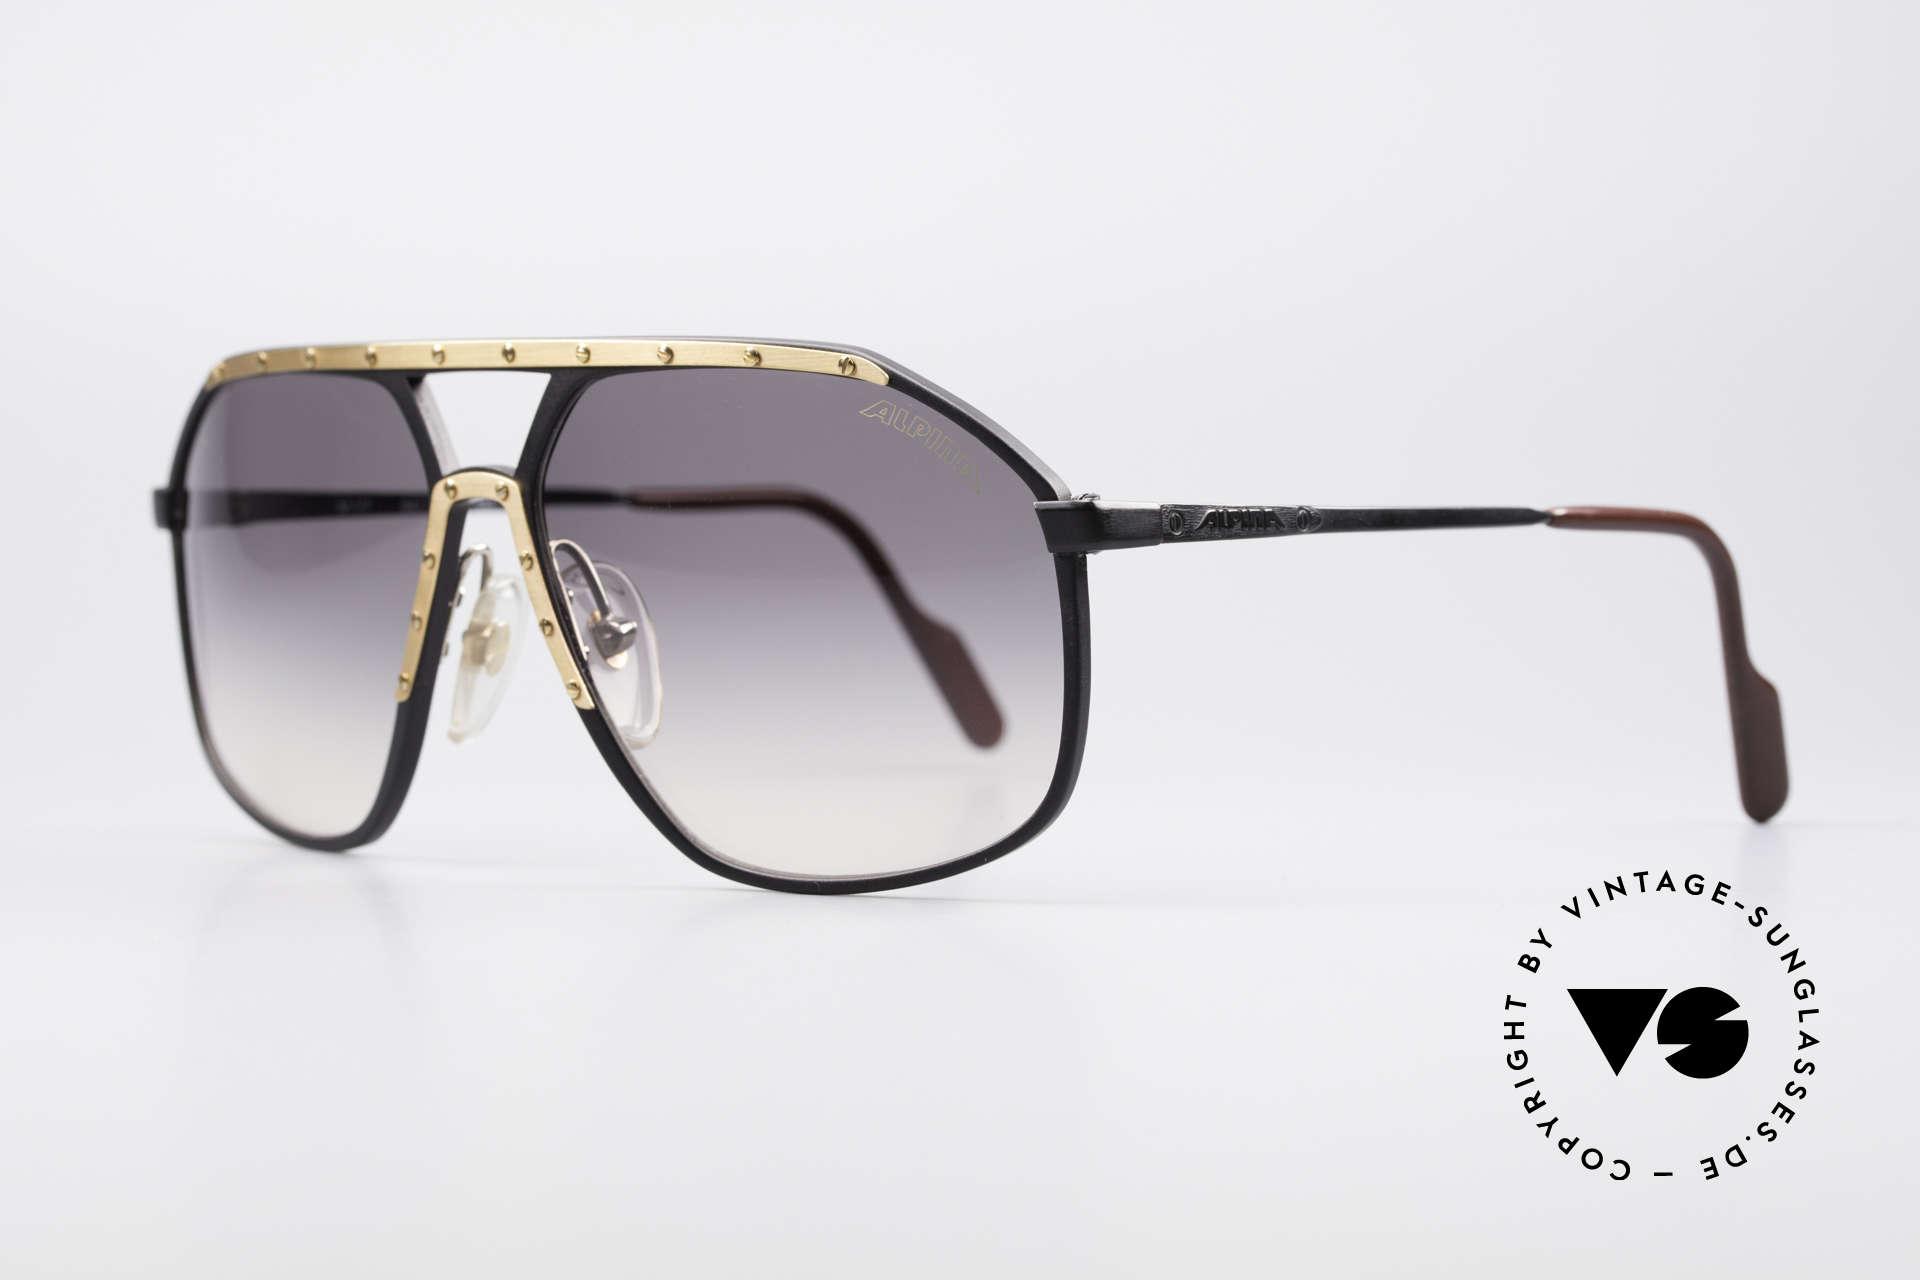 Alpina M1/7 Echte Vintage Sonnenbrille, weltberühmt für sein Schrauben-Design; XL Gr. 64-15, Passend für Herren